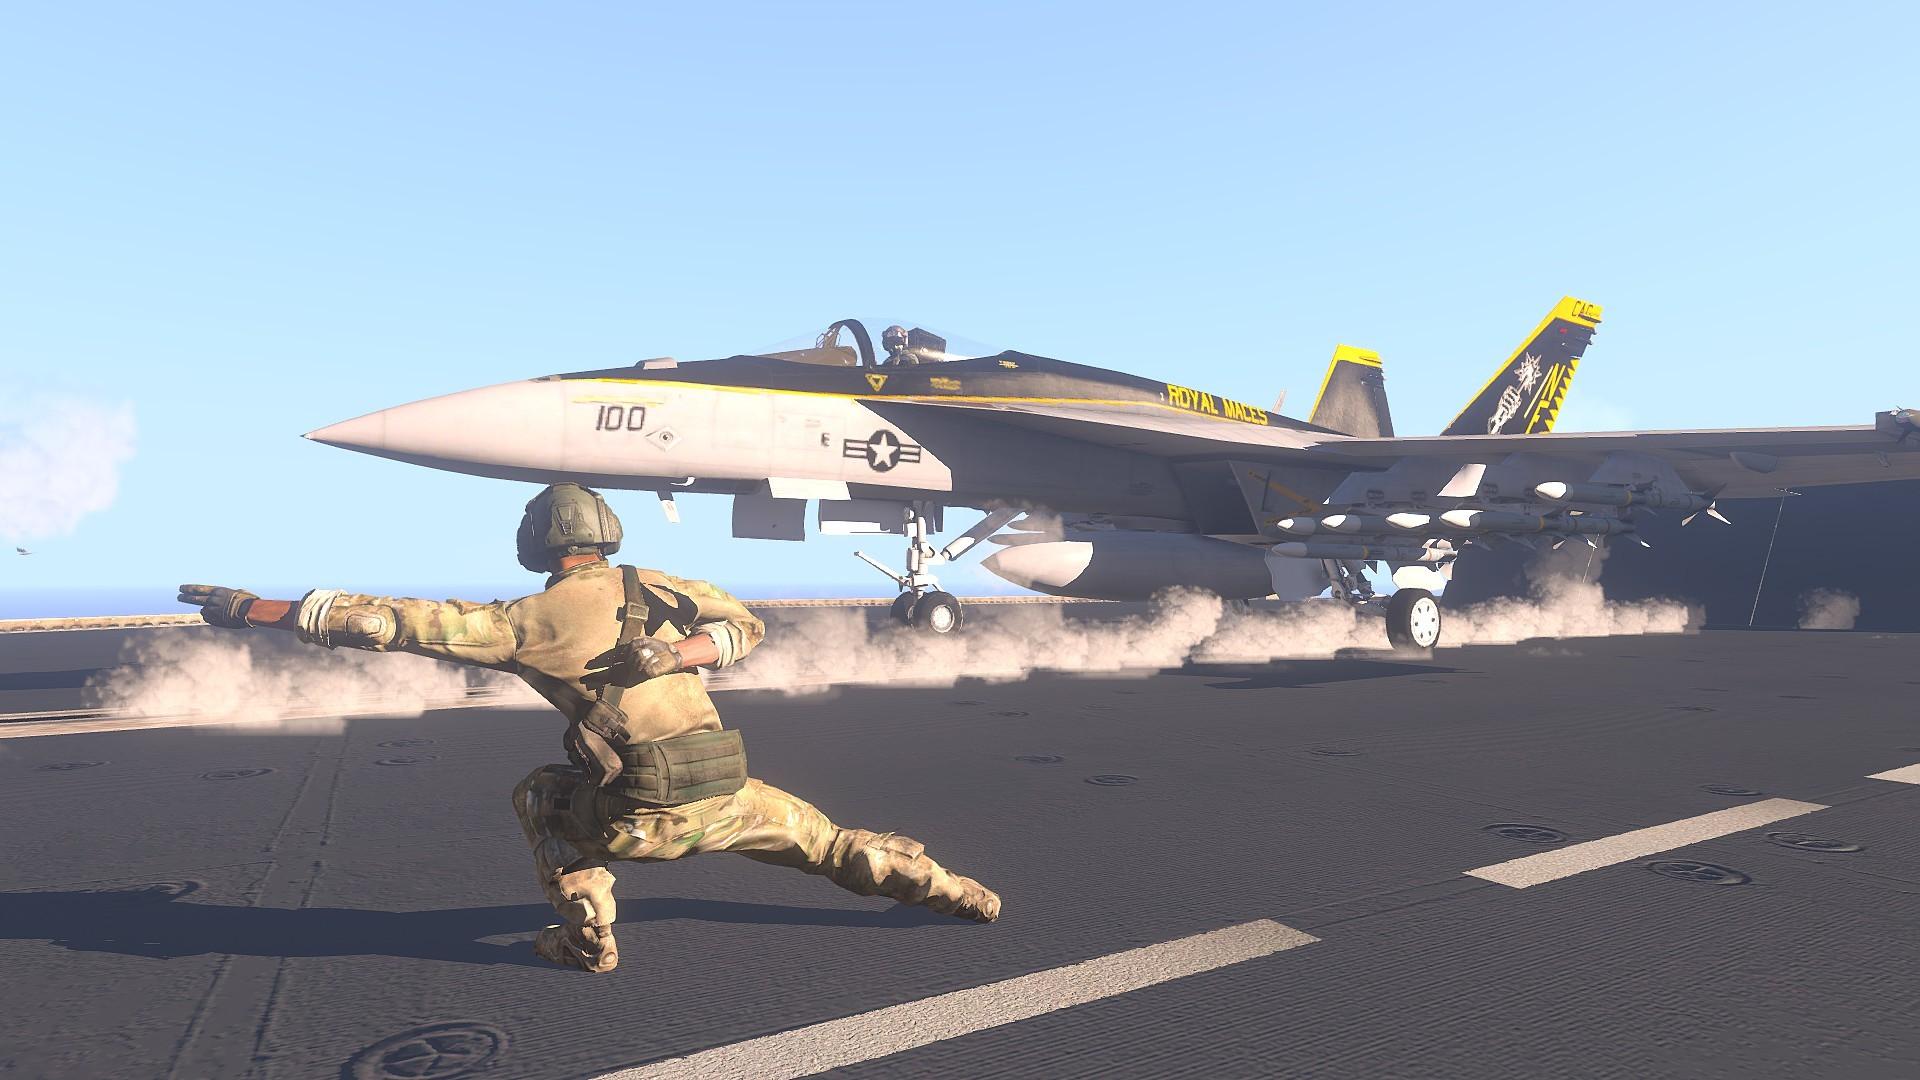 Aereo Da Caccia F15 : Sfondi veicolo aereo aerei militari portaerei caccia